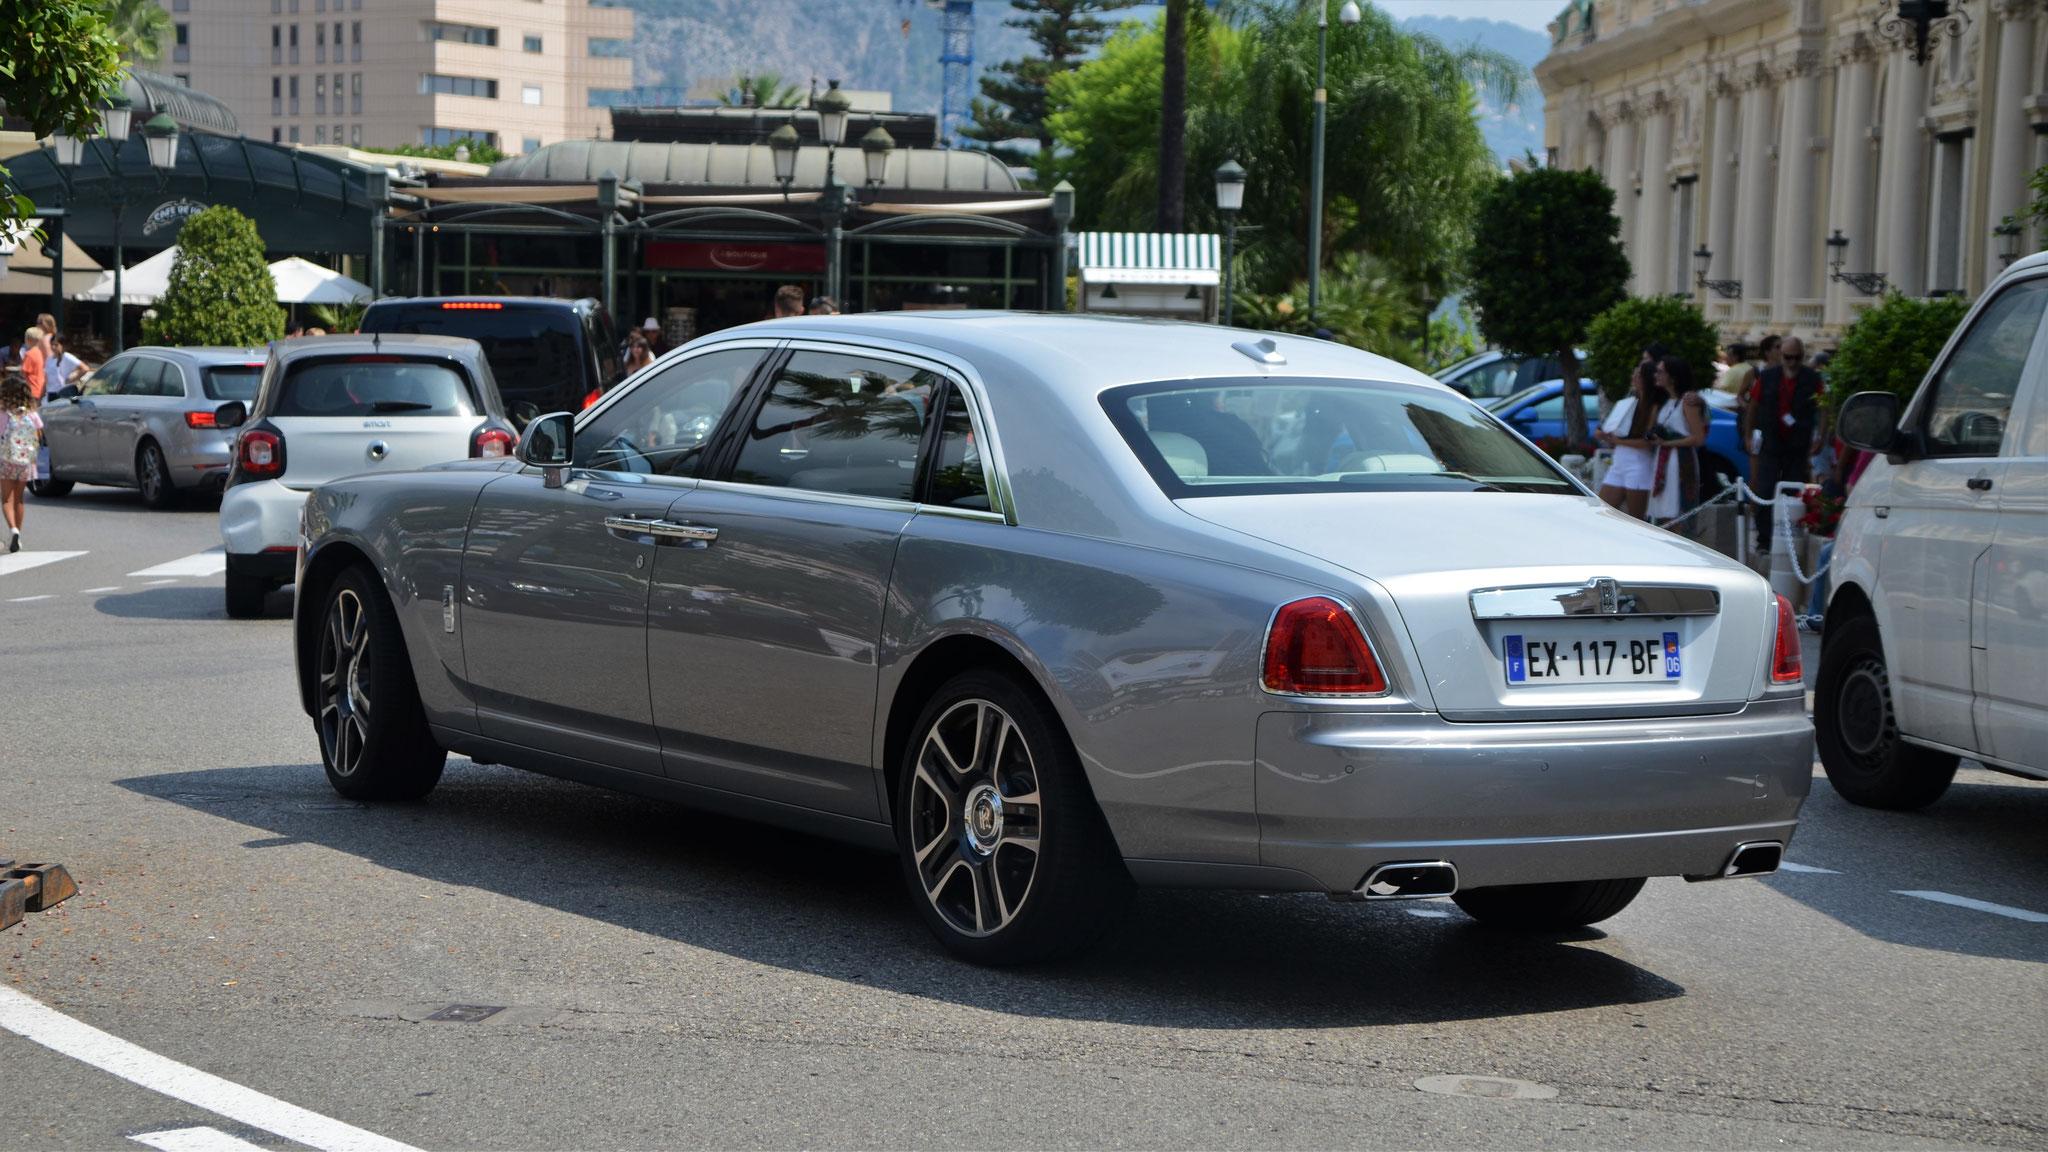 Rolls Royce Ghost Series II - EX-117-BF-06 (FRA)